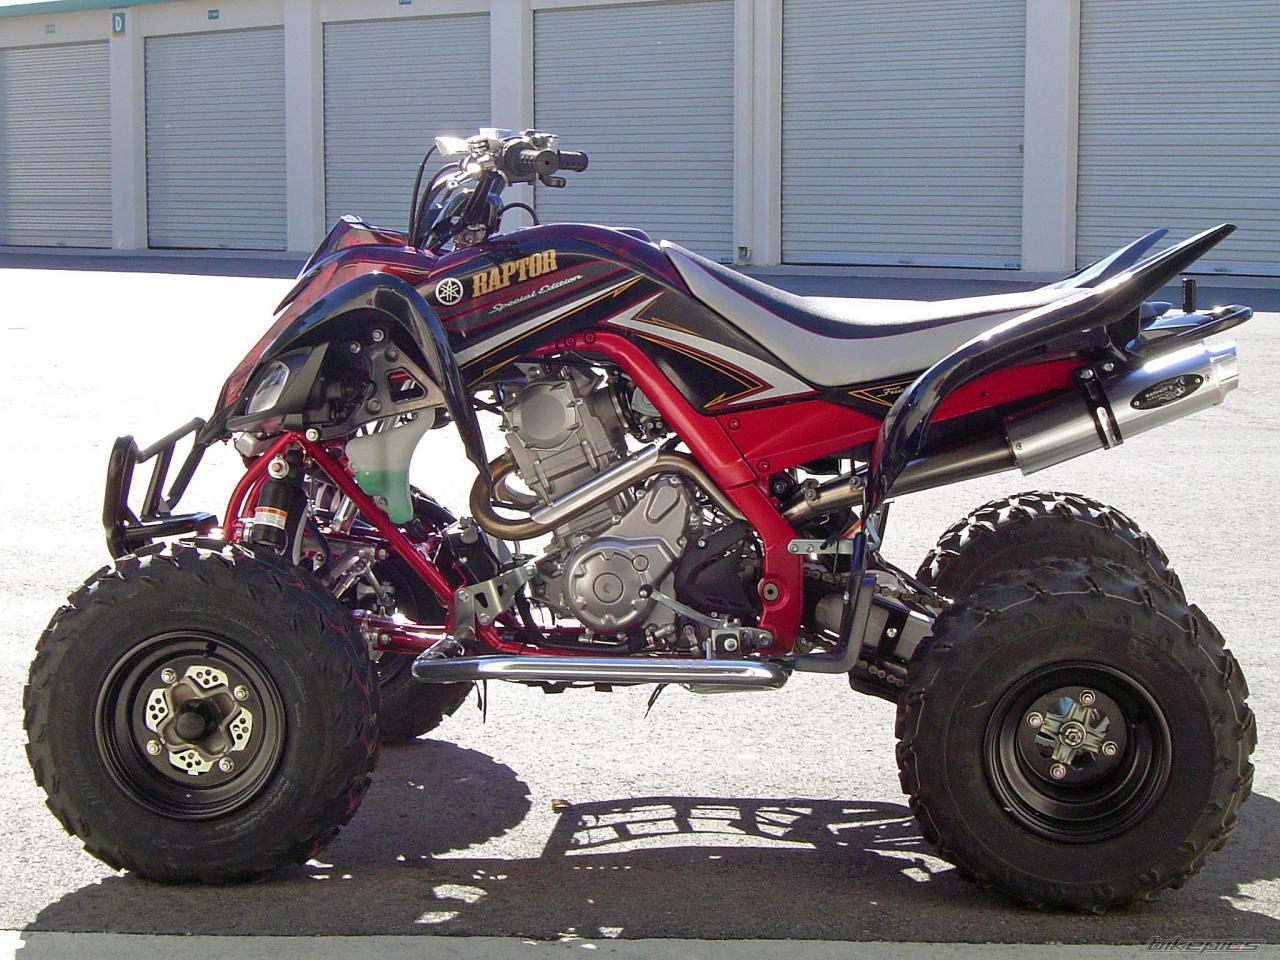 D Help Raptor R Se Bikepics Full on 2006 Yamaha Yfz 450